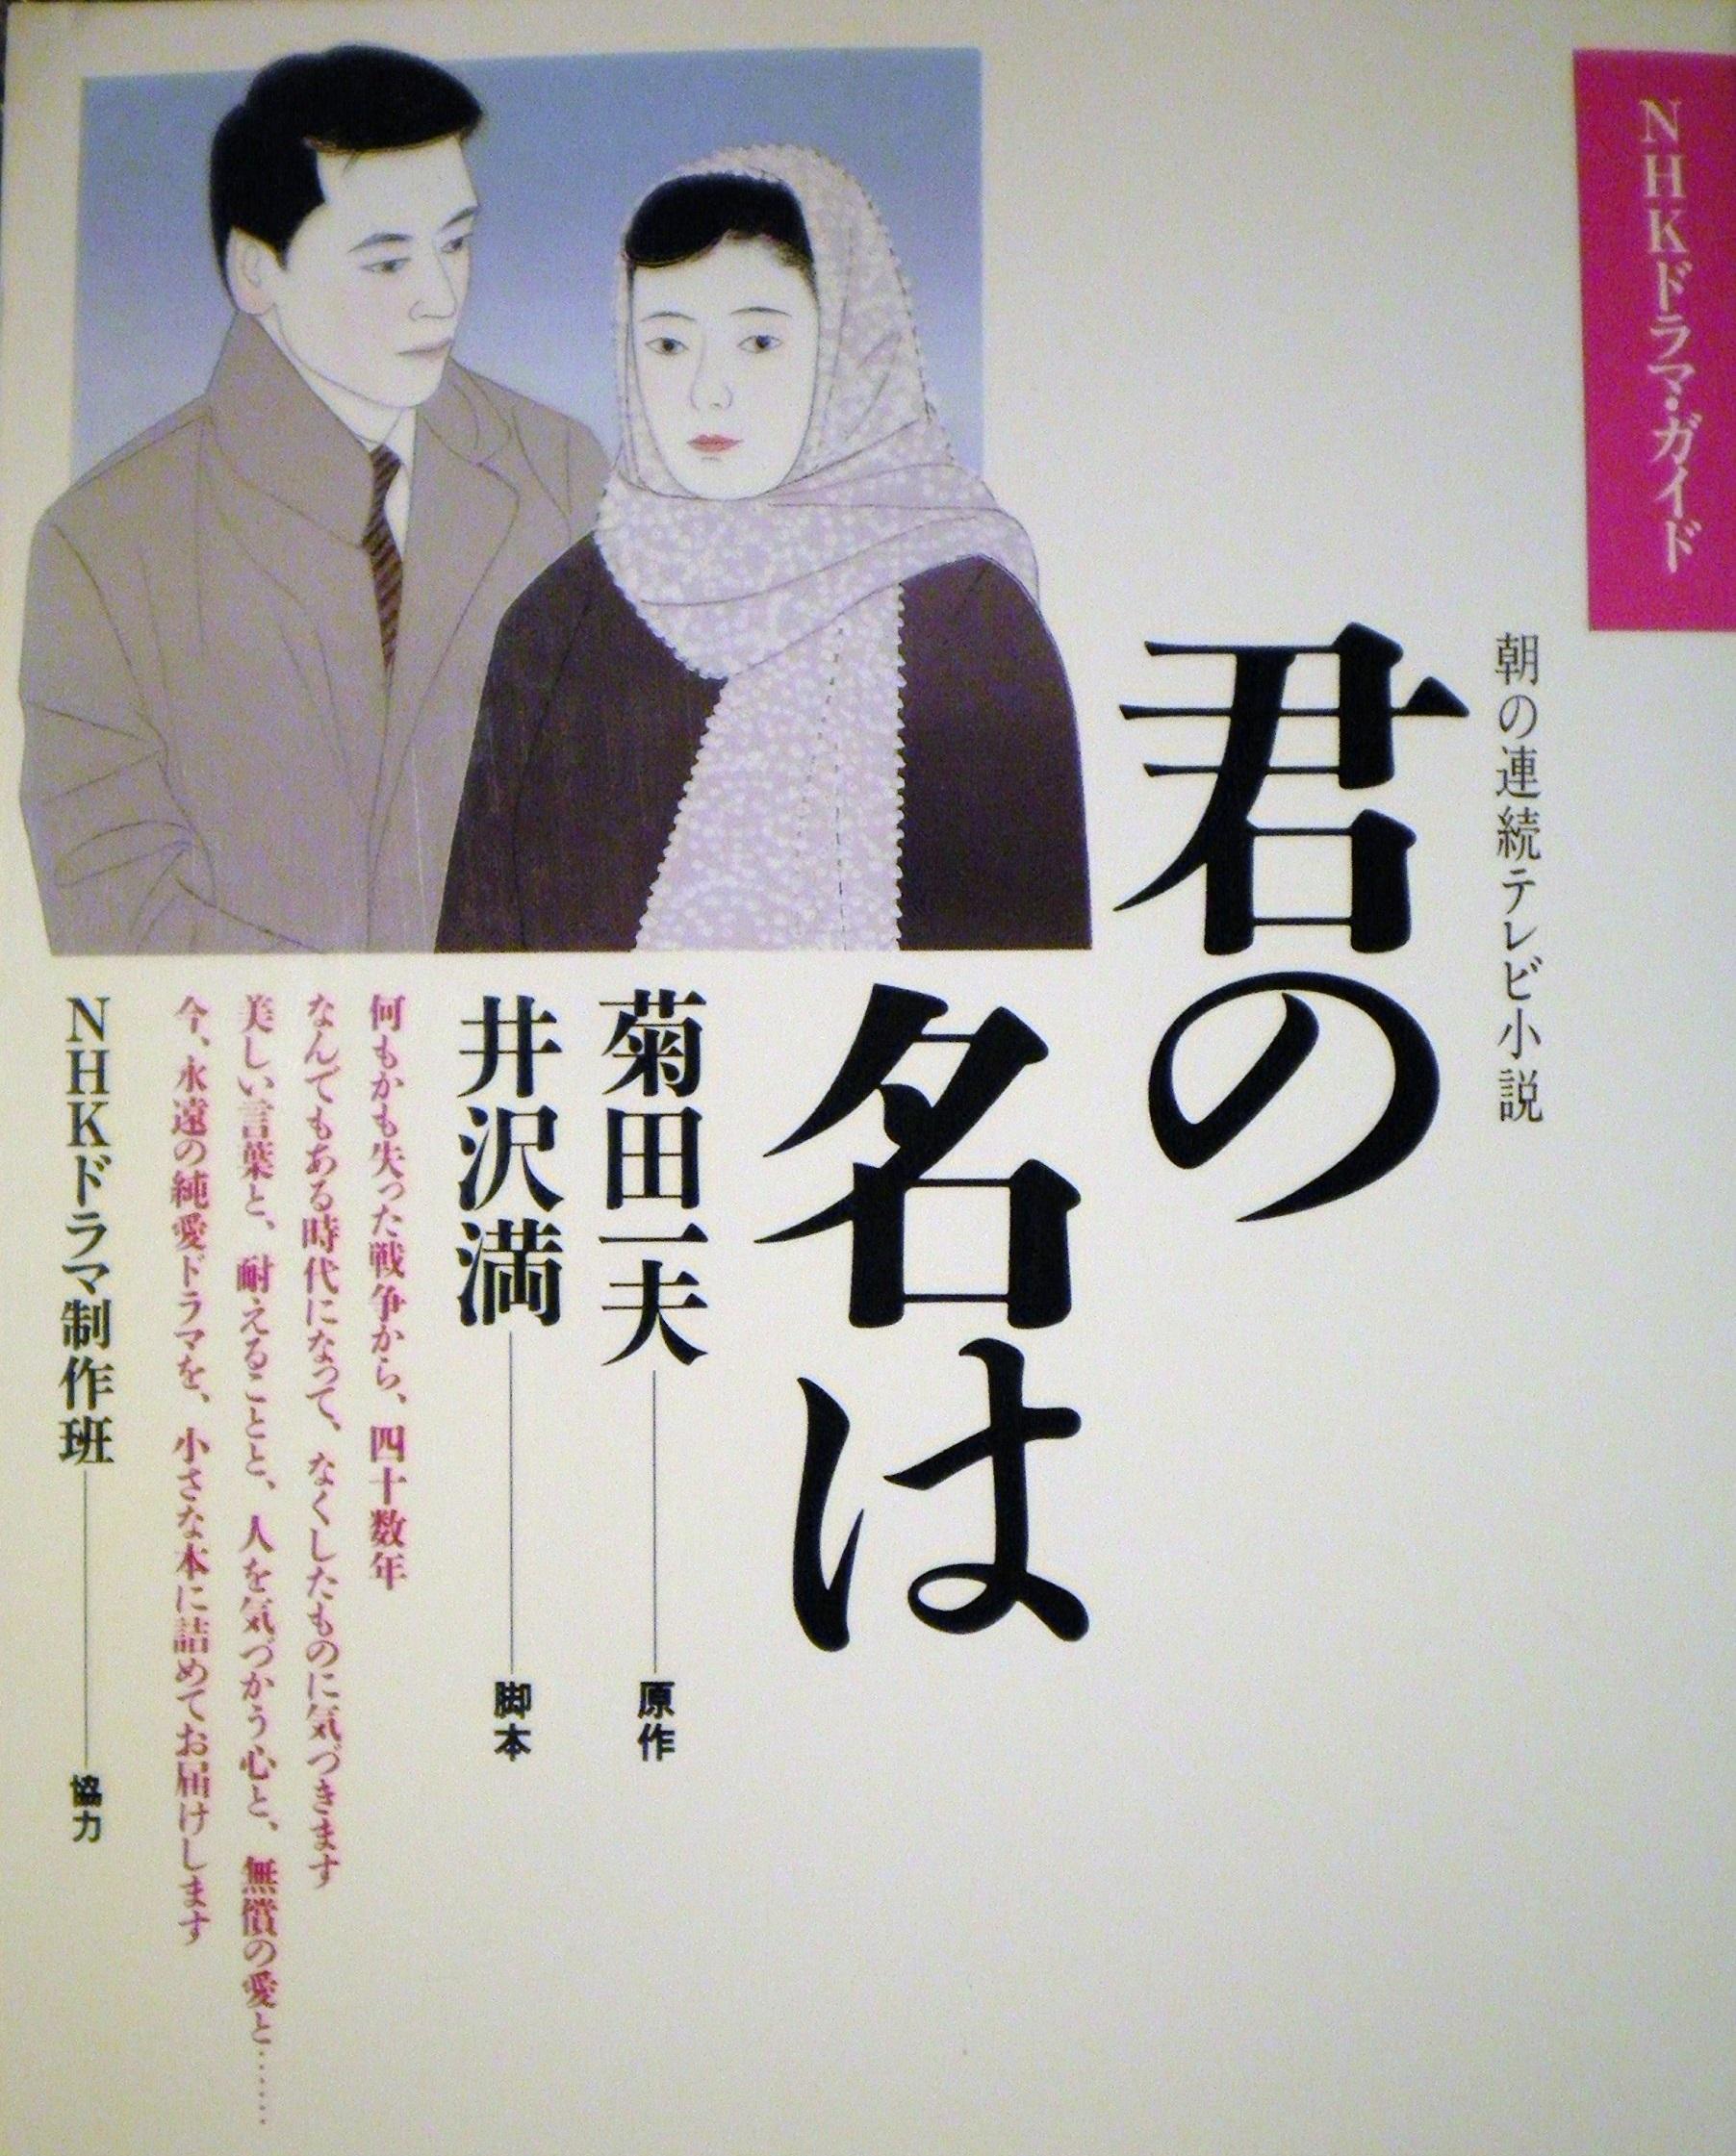 朝ドラ「エール」第23週あらすじネタバレ!「恋のメロディー」